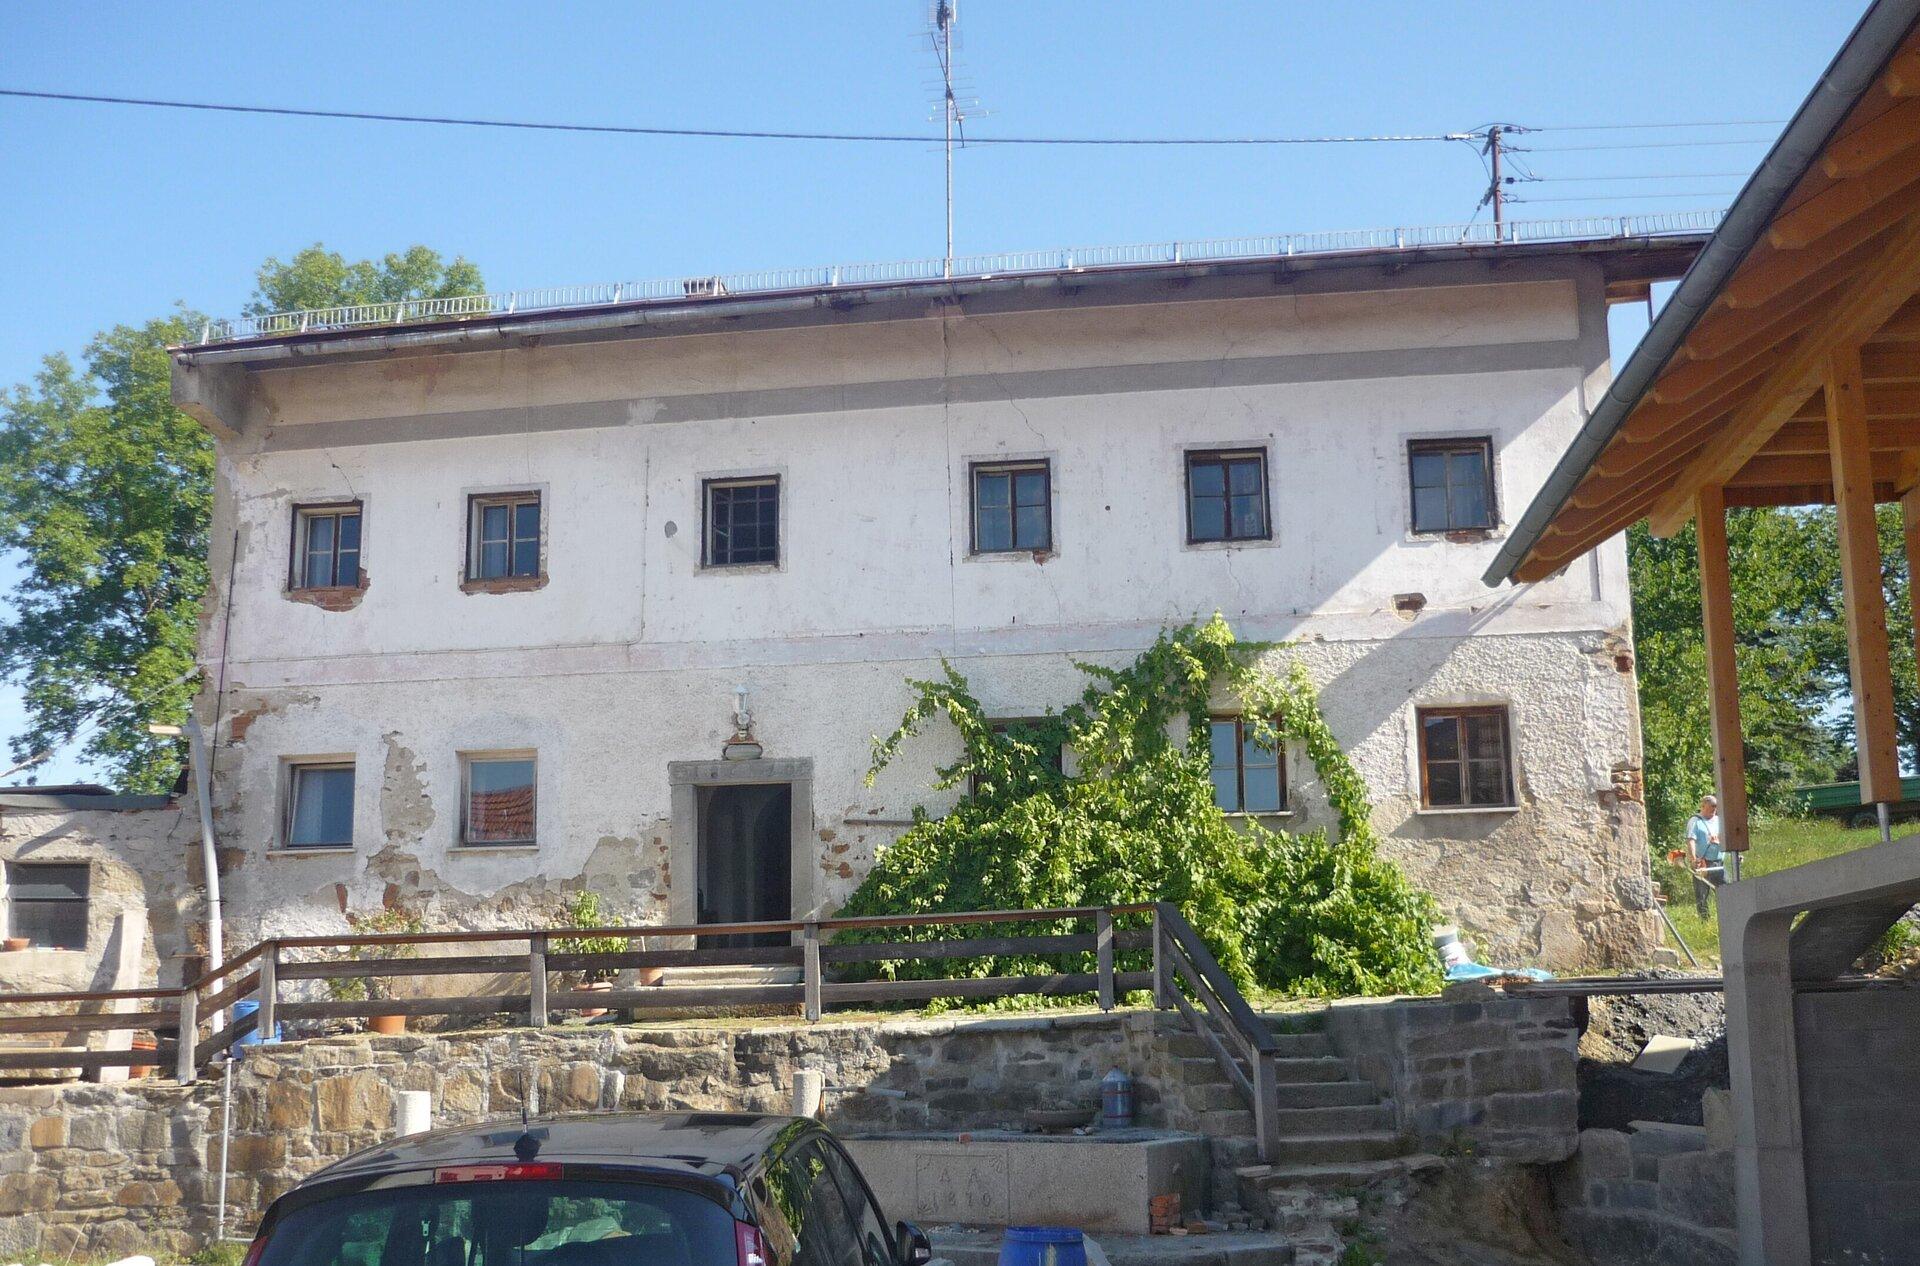 Altes Wohngebäude vor der Renovierung